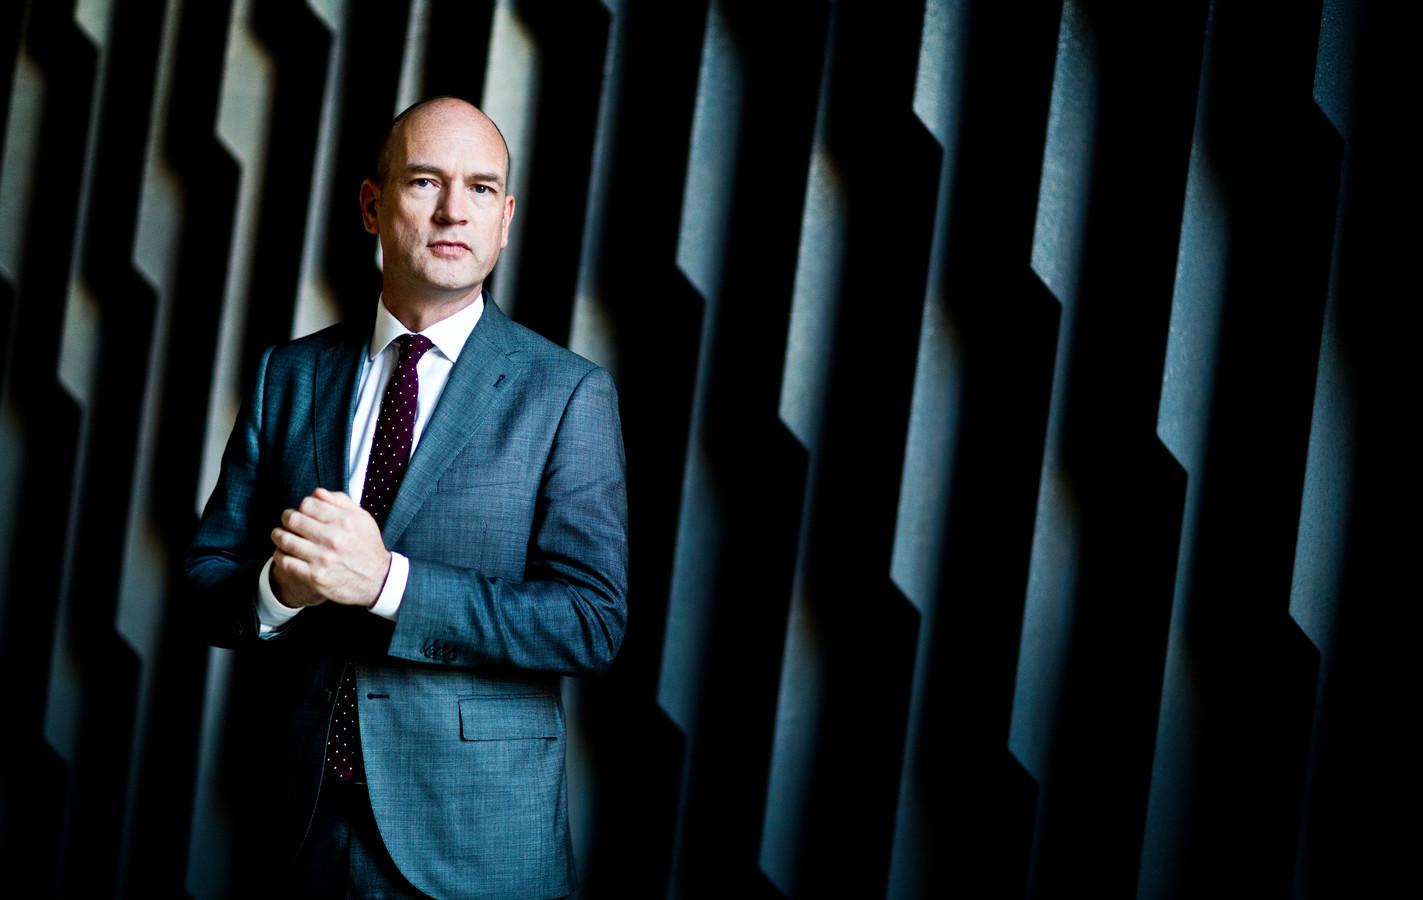 Gert-Jan Segers, fractievoorzitter van de ChristenUnie